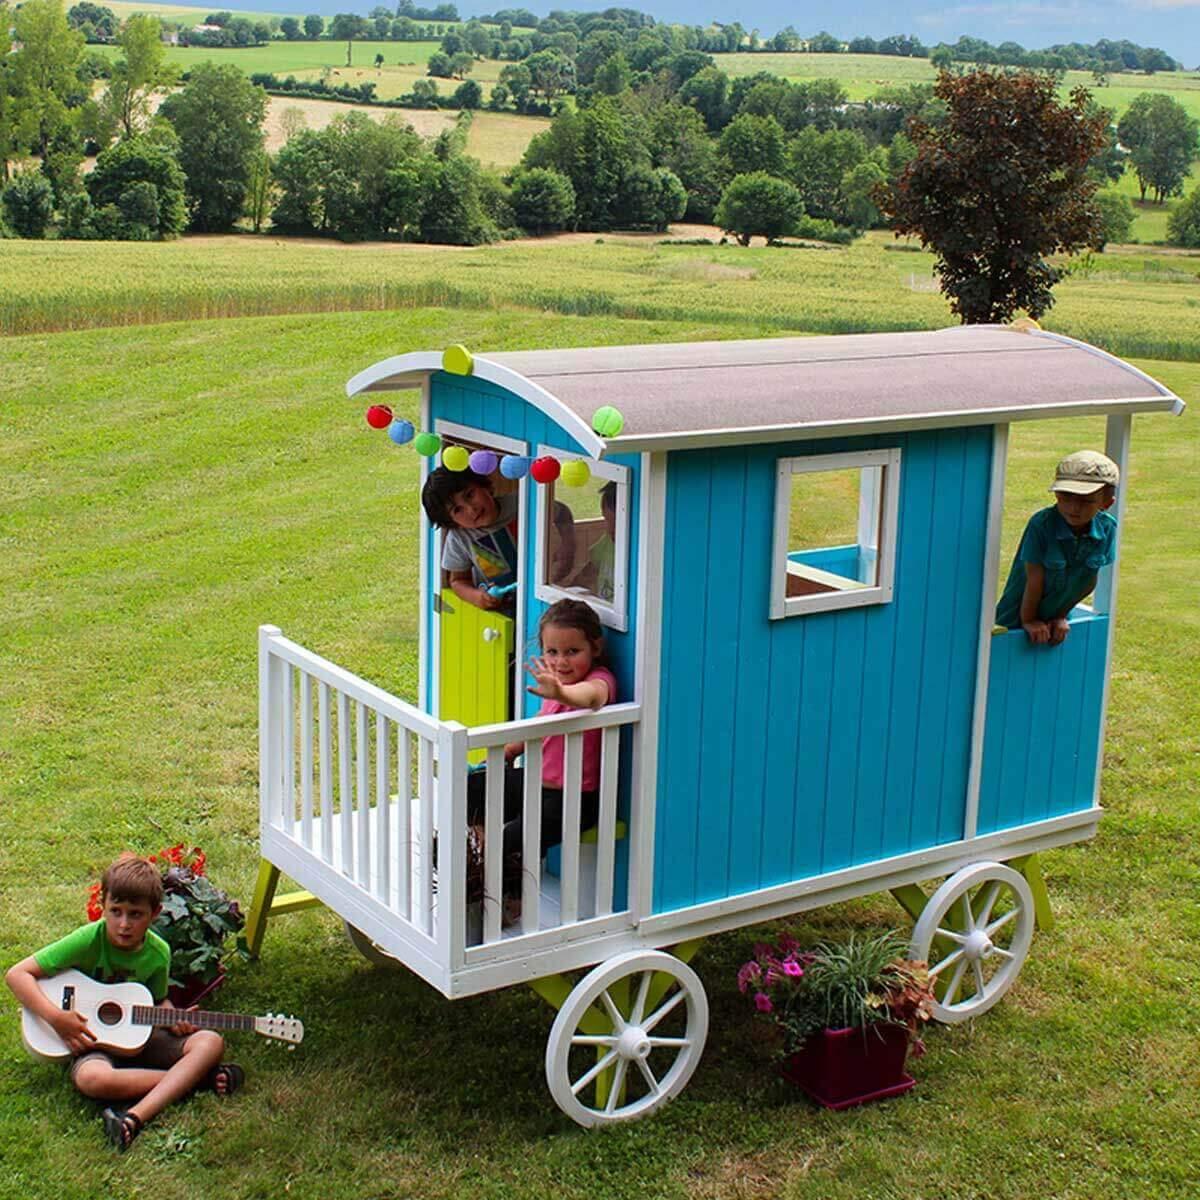 Spielgeräte Garten Elegant Hochwertige Spielgeräte Für Den Garten Aus Holz